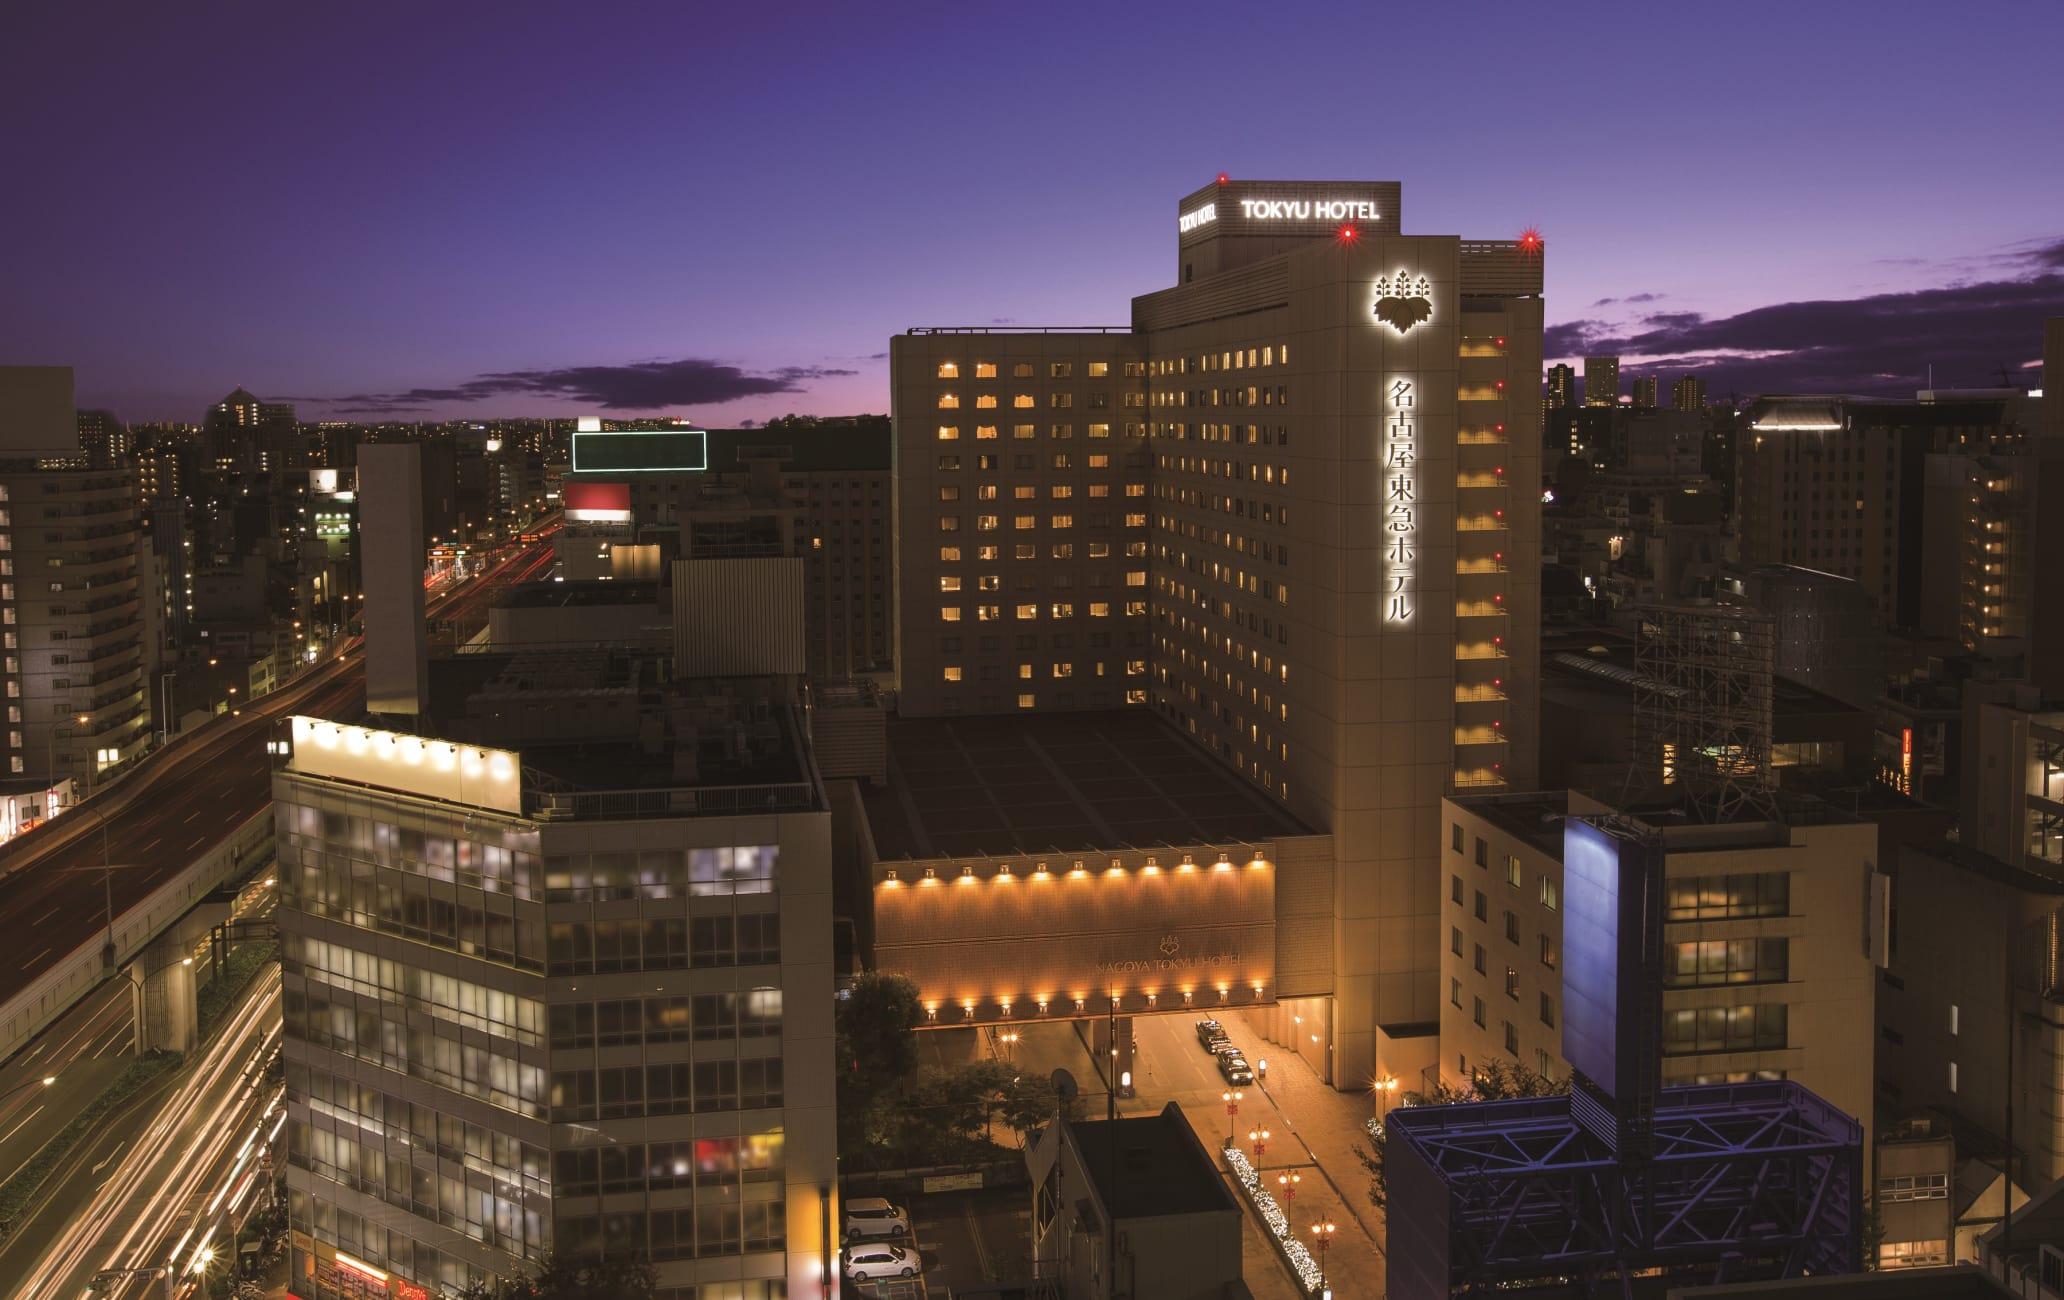 nagoyatokyuhotel